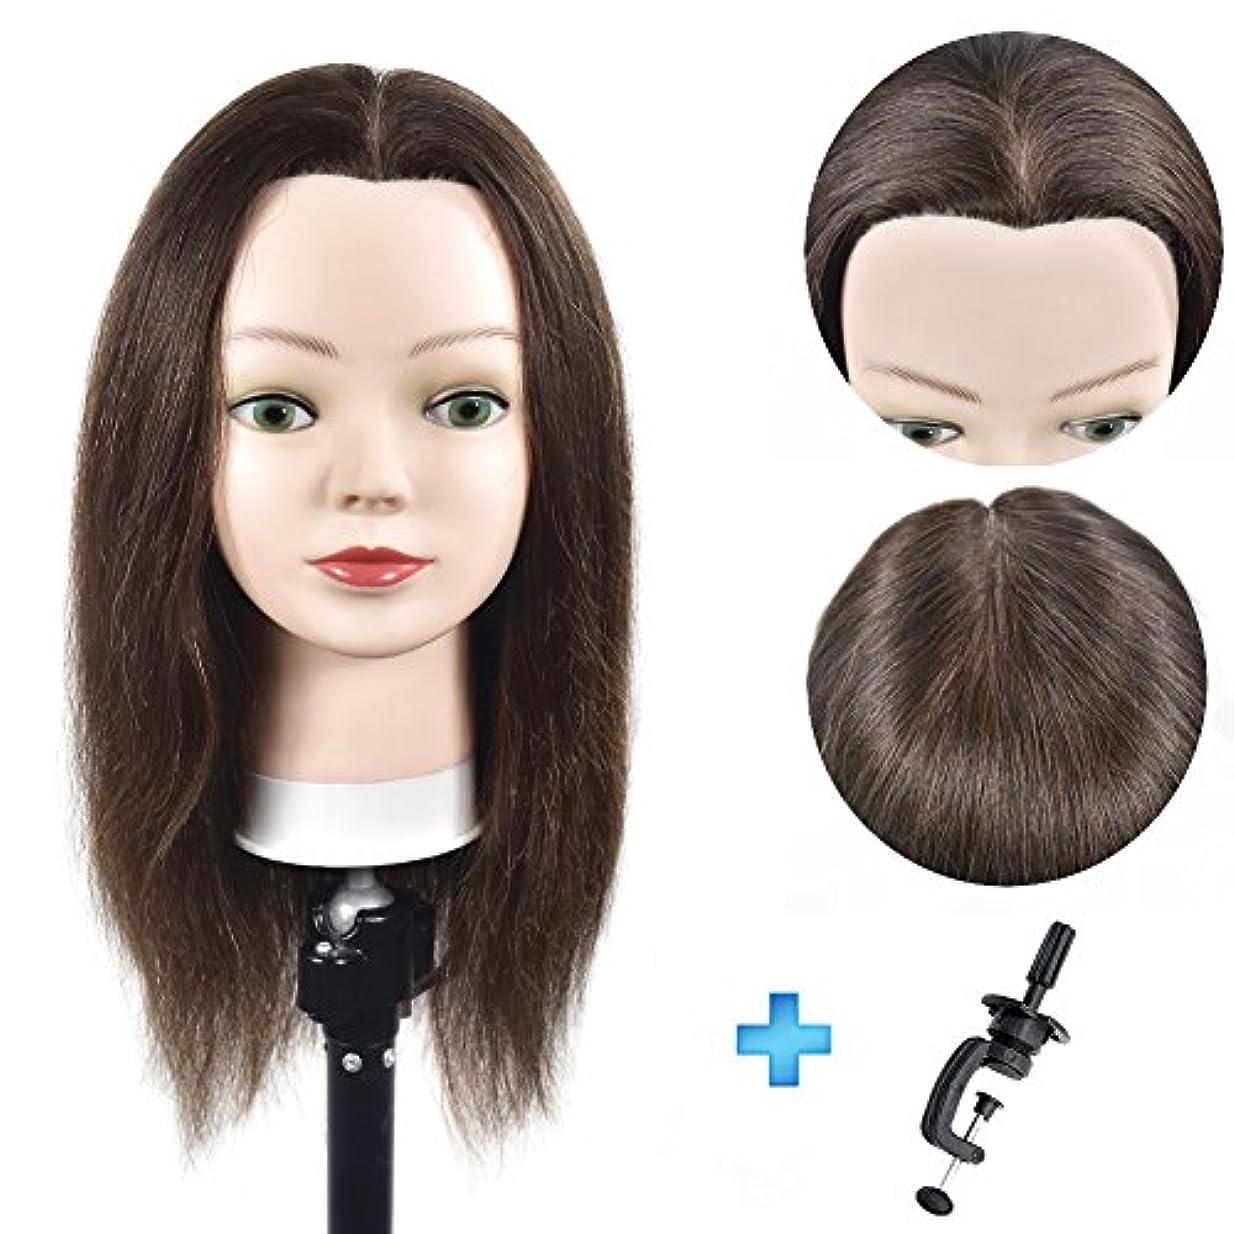 脅迫委任団結16インチマネキンヘッド100%人間の髪の美容師のトレーニングヘッドマネキン美容師の人形ヘッド(テーブルクランプスタンドが含まれています)